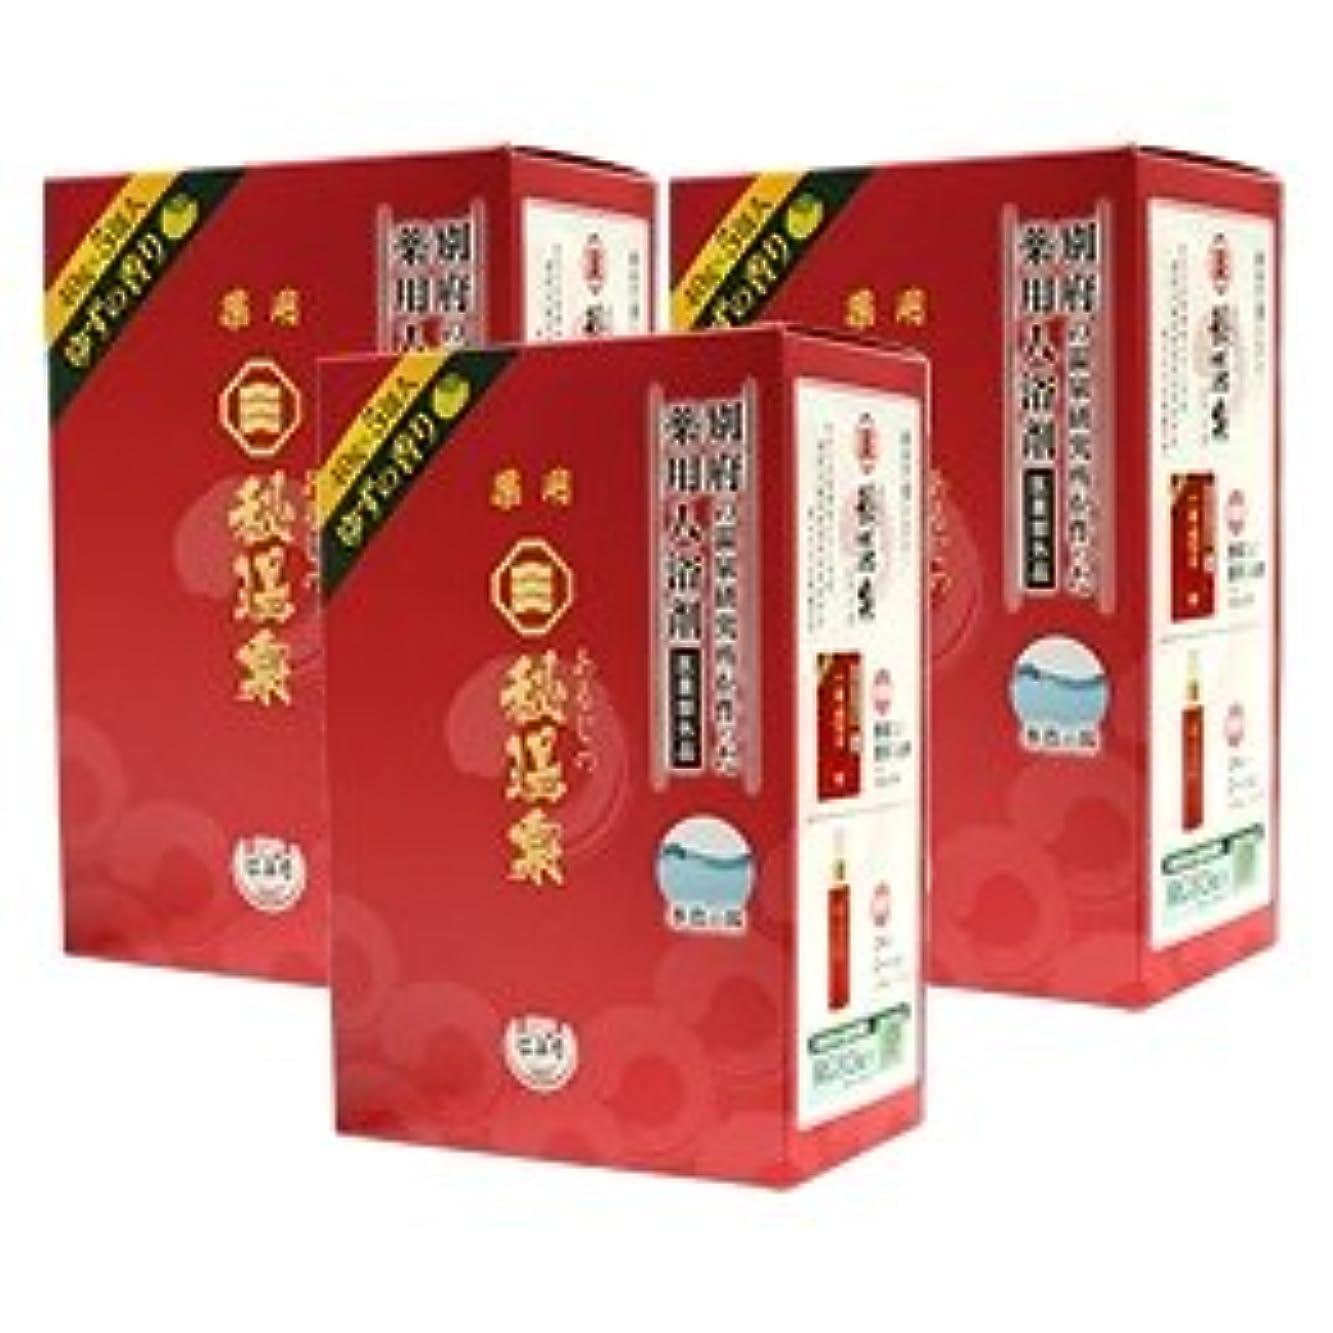 笑いブリッジ一過性薬用入浴剤 あるじの秘湯泉 ×3箱(1箱5包入り)セット